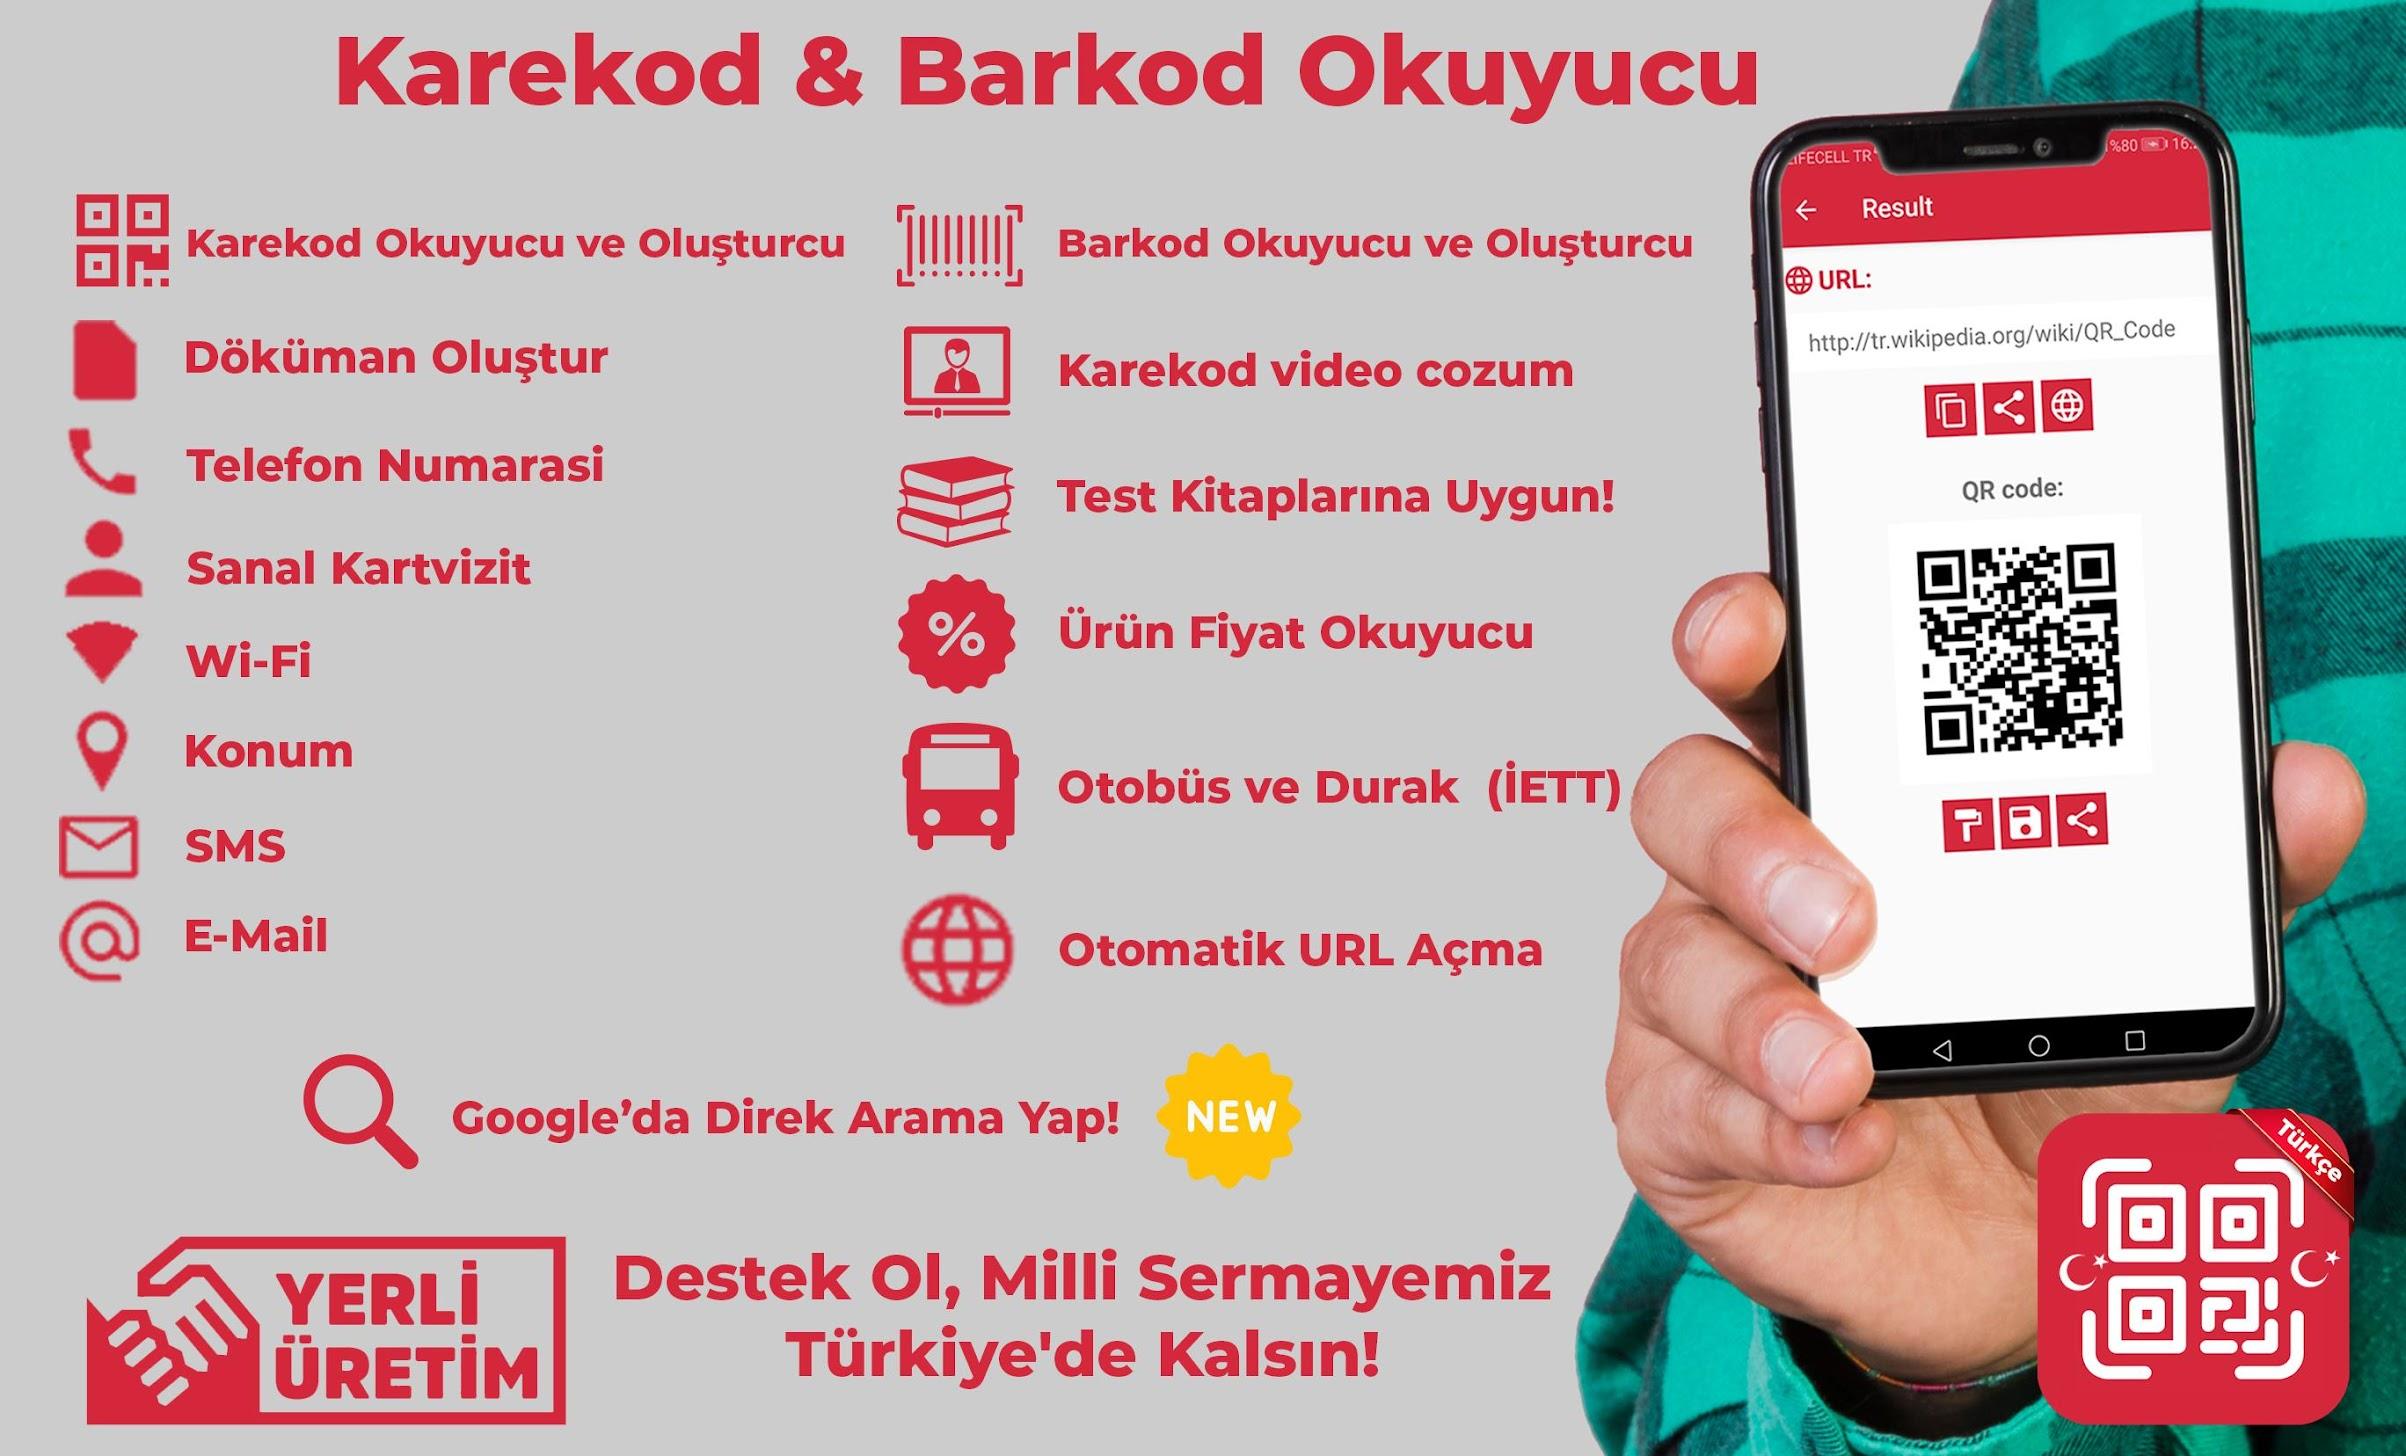 turkqrkod